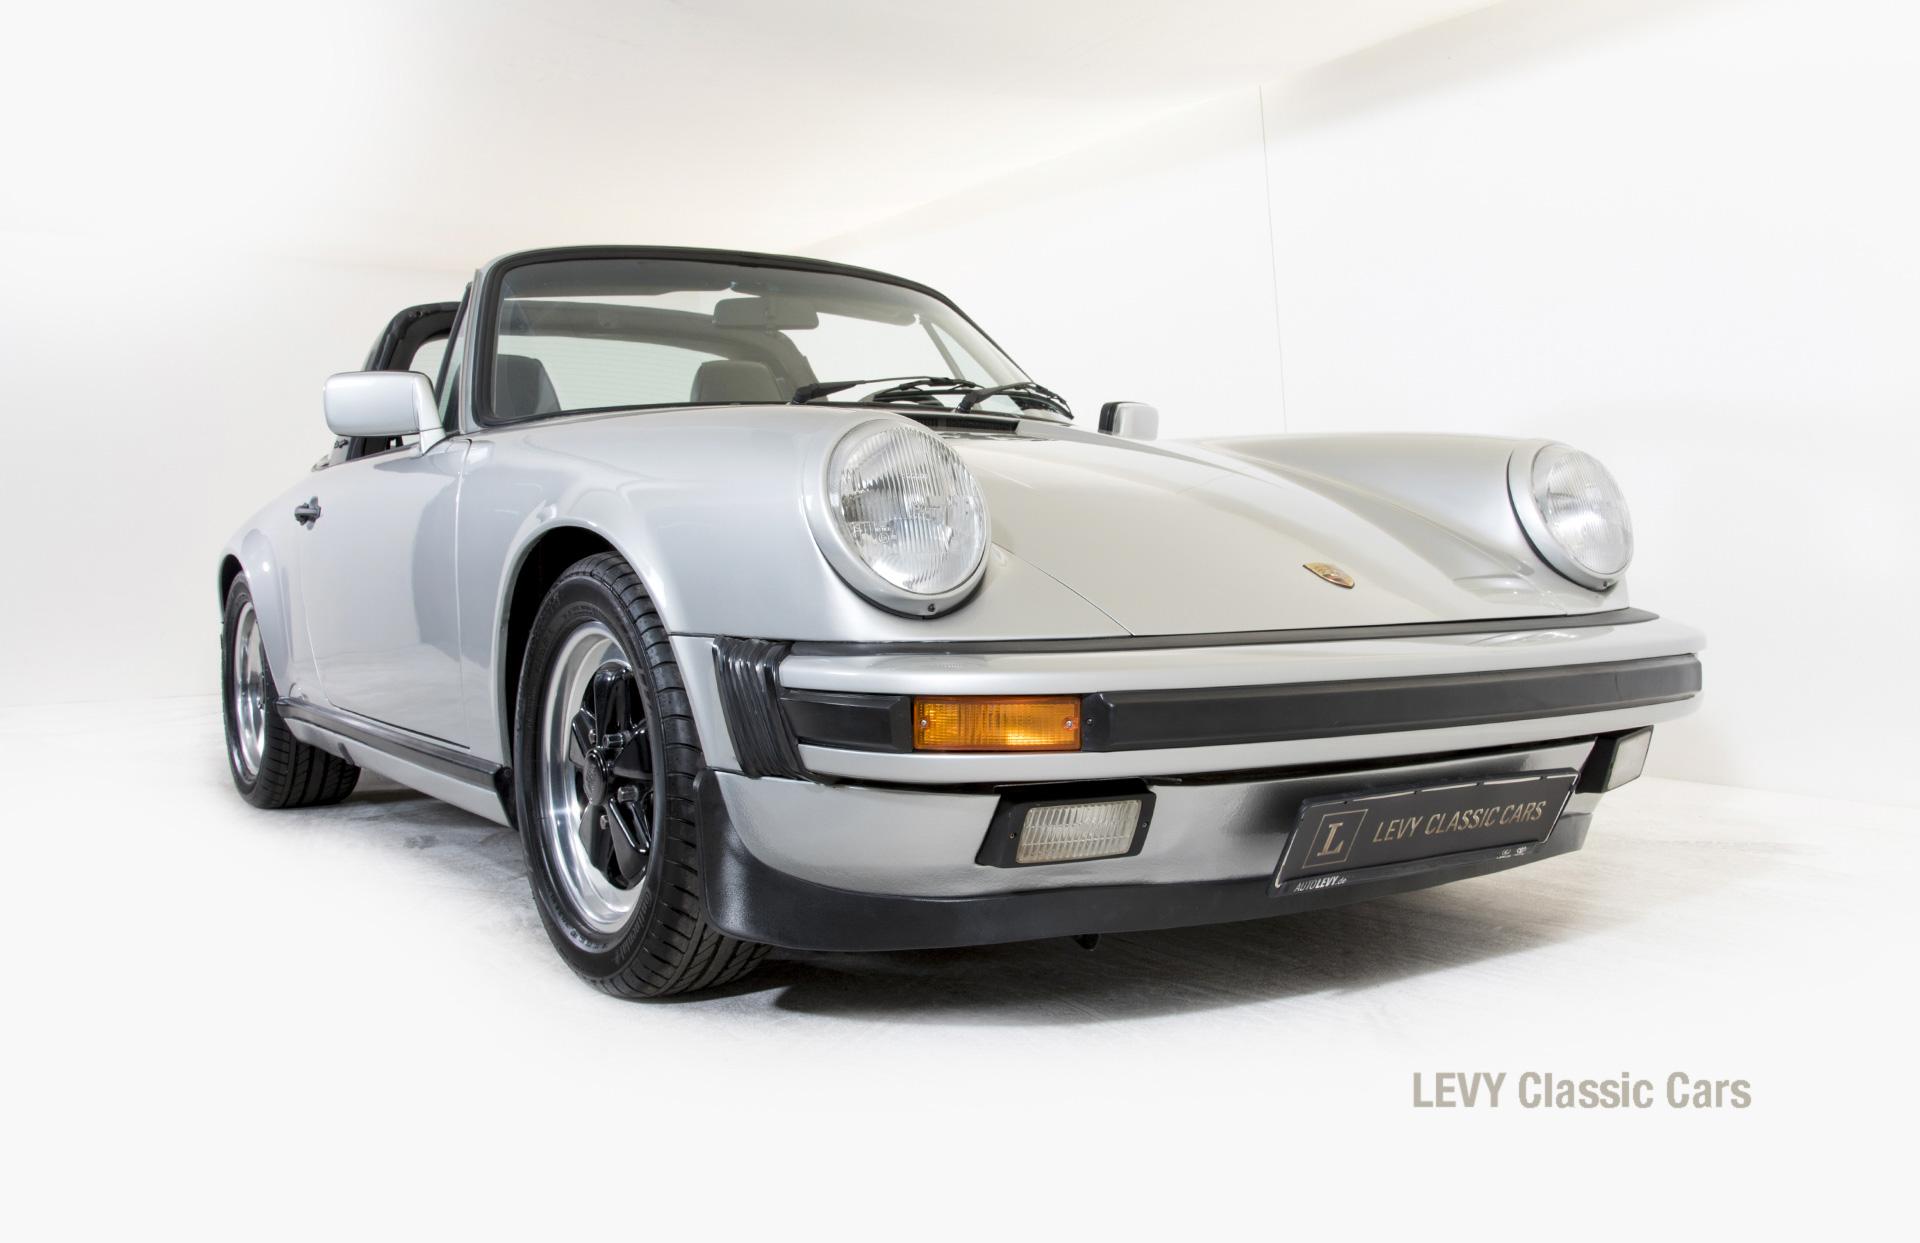 Porsche 911 silber Targa 60287 37_1